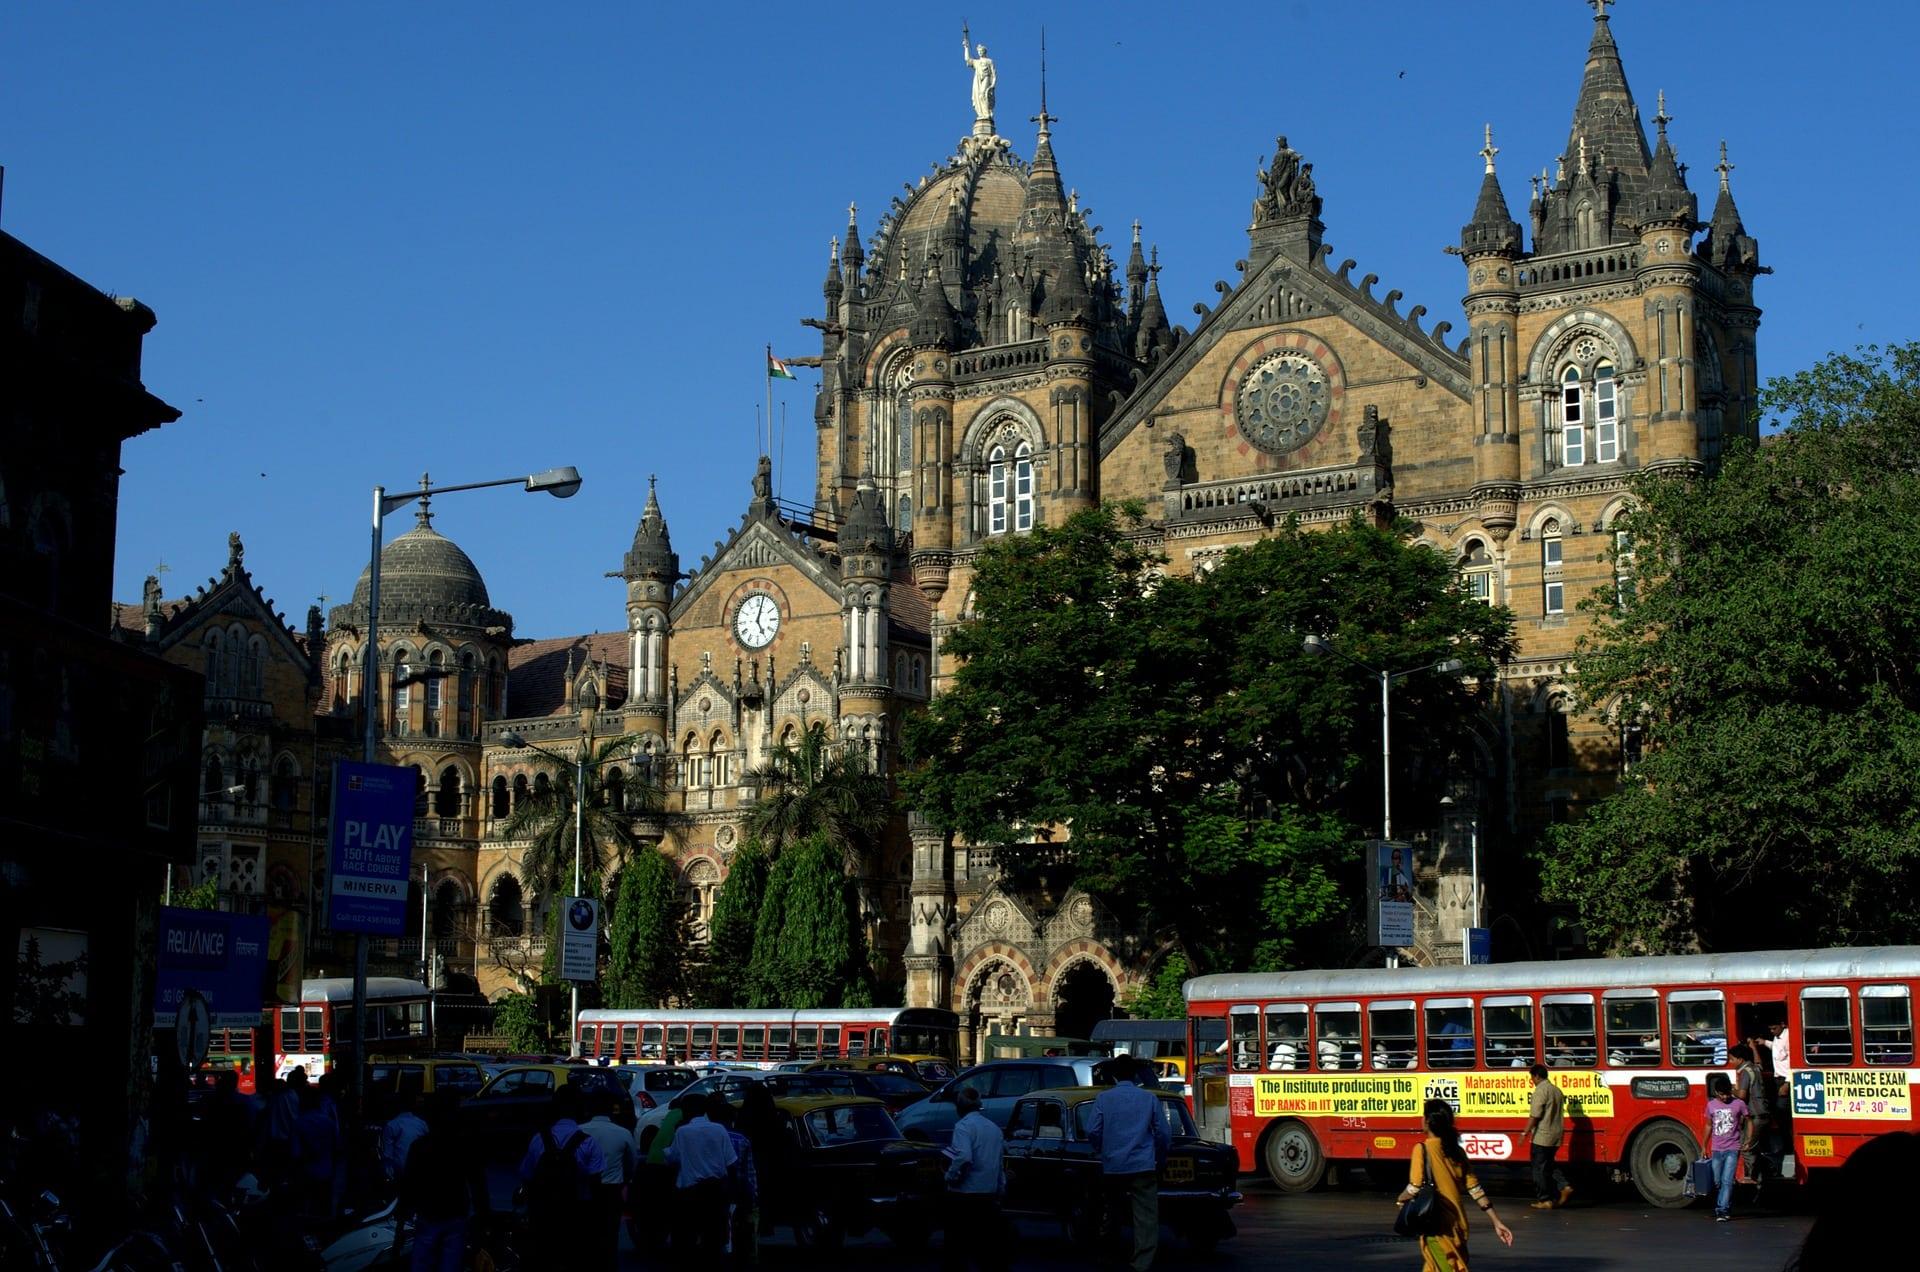 Victoria Station, things to do in Mumbai, Mumbai travel guide, One day Mumbay itinerary